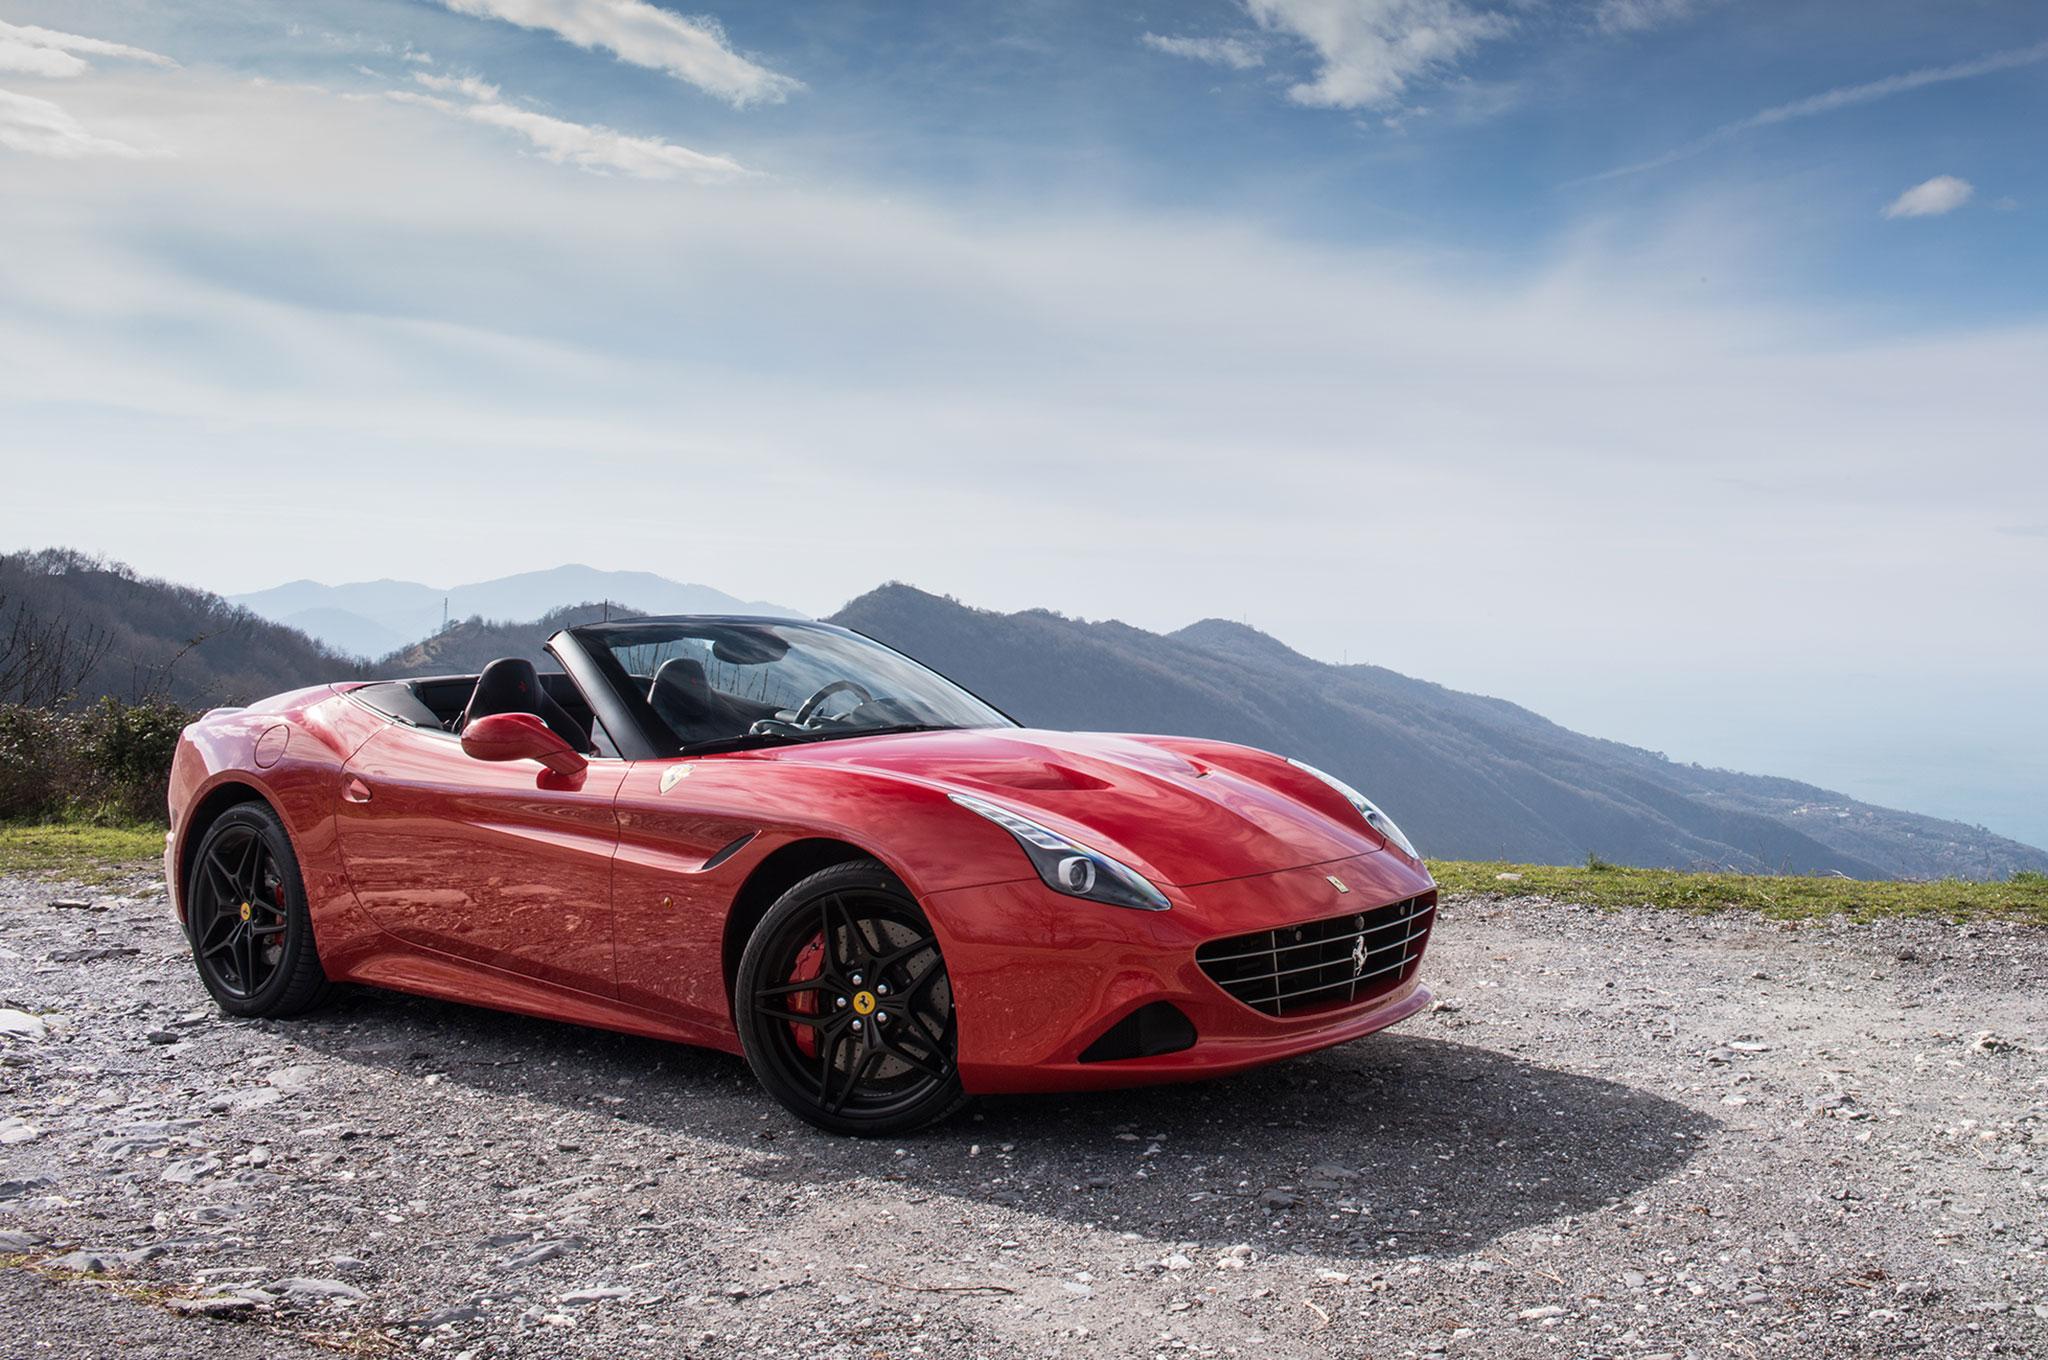 2017-Ferrari-California-T-Handling-Speciale-front-three-quarter-02